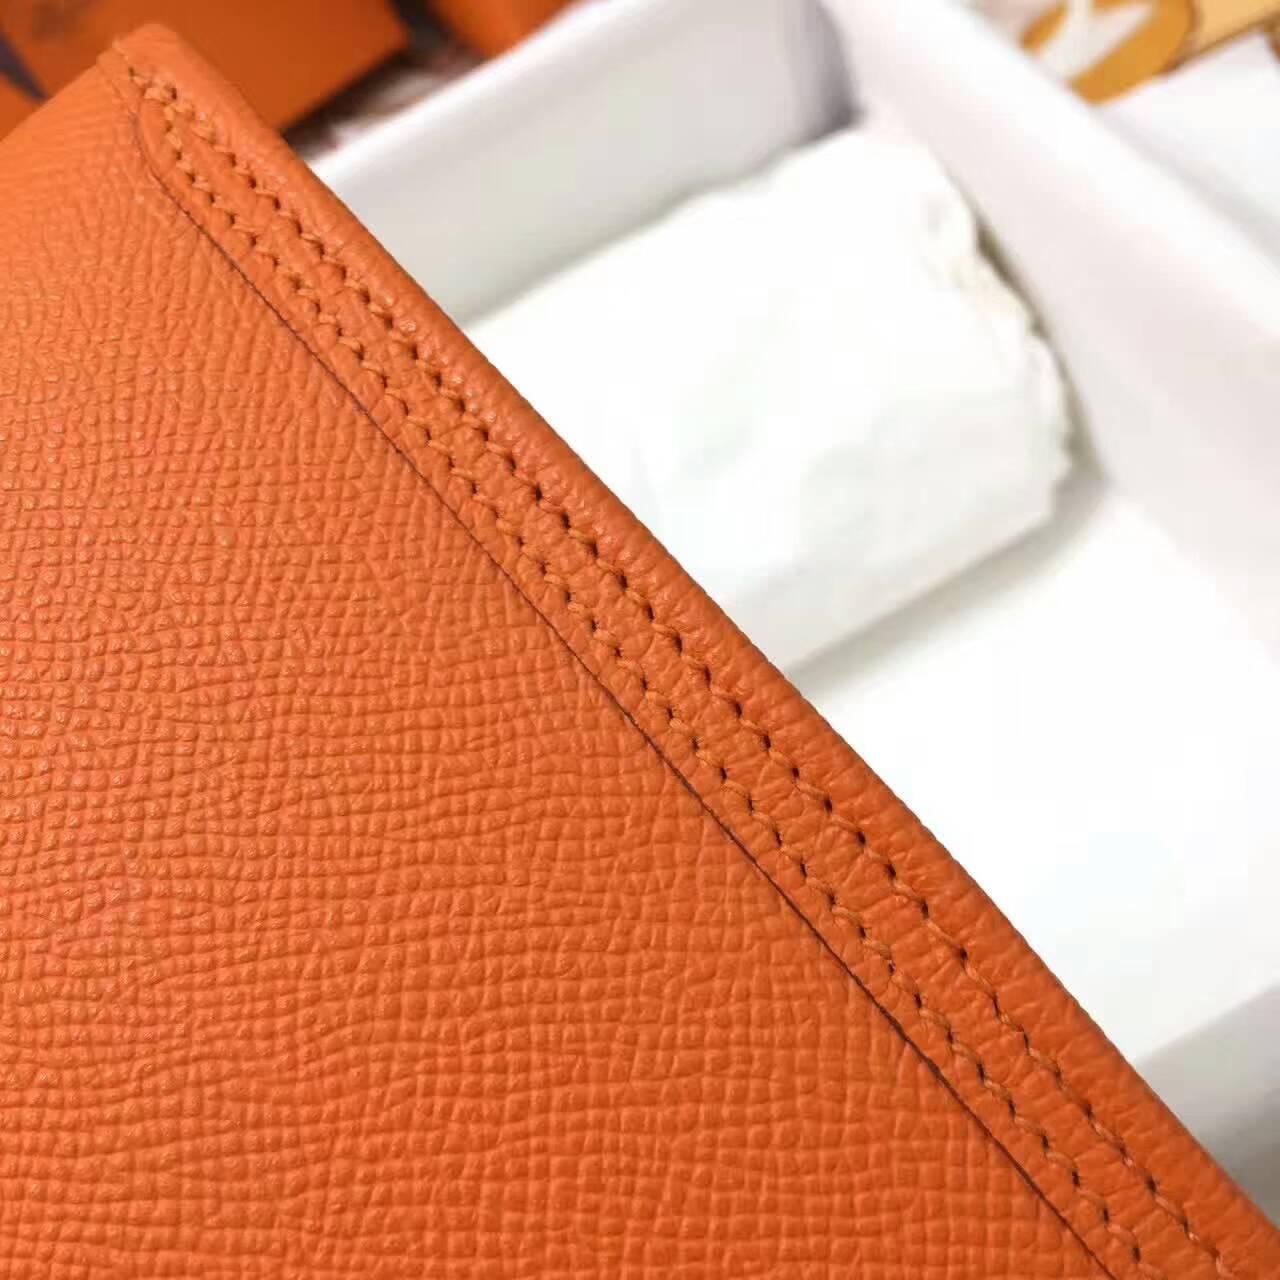 爱马仕钱包 Jige Elan 29cm Epsom 法国原产掌纹皮 93 Orange 橙色